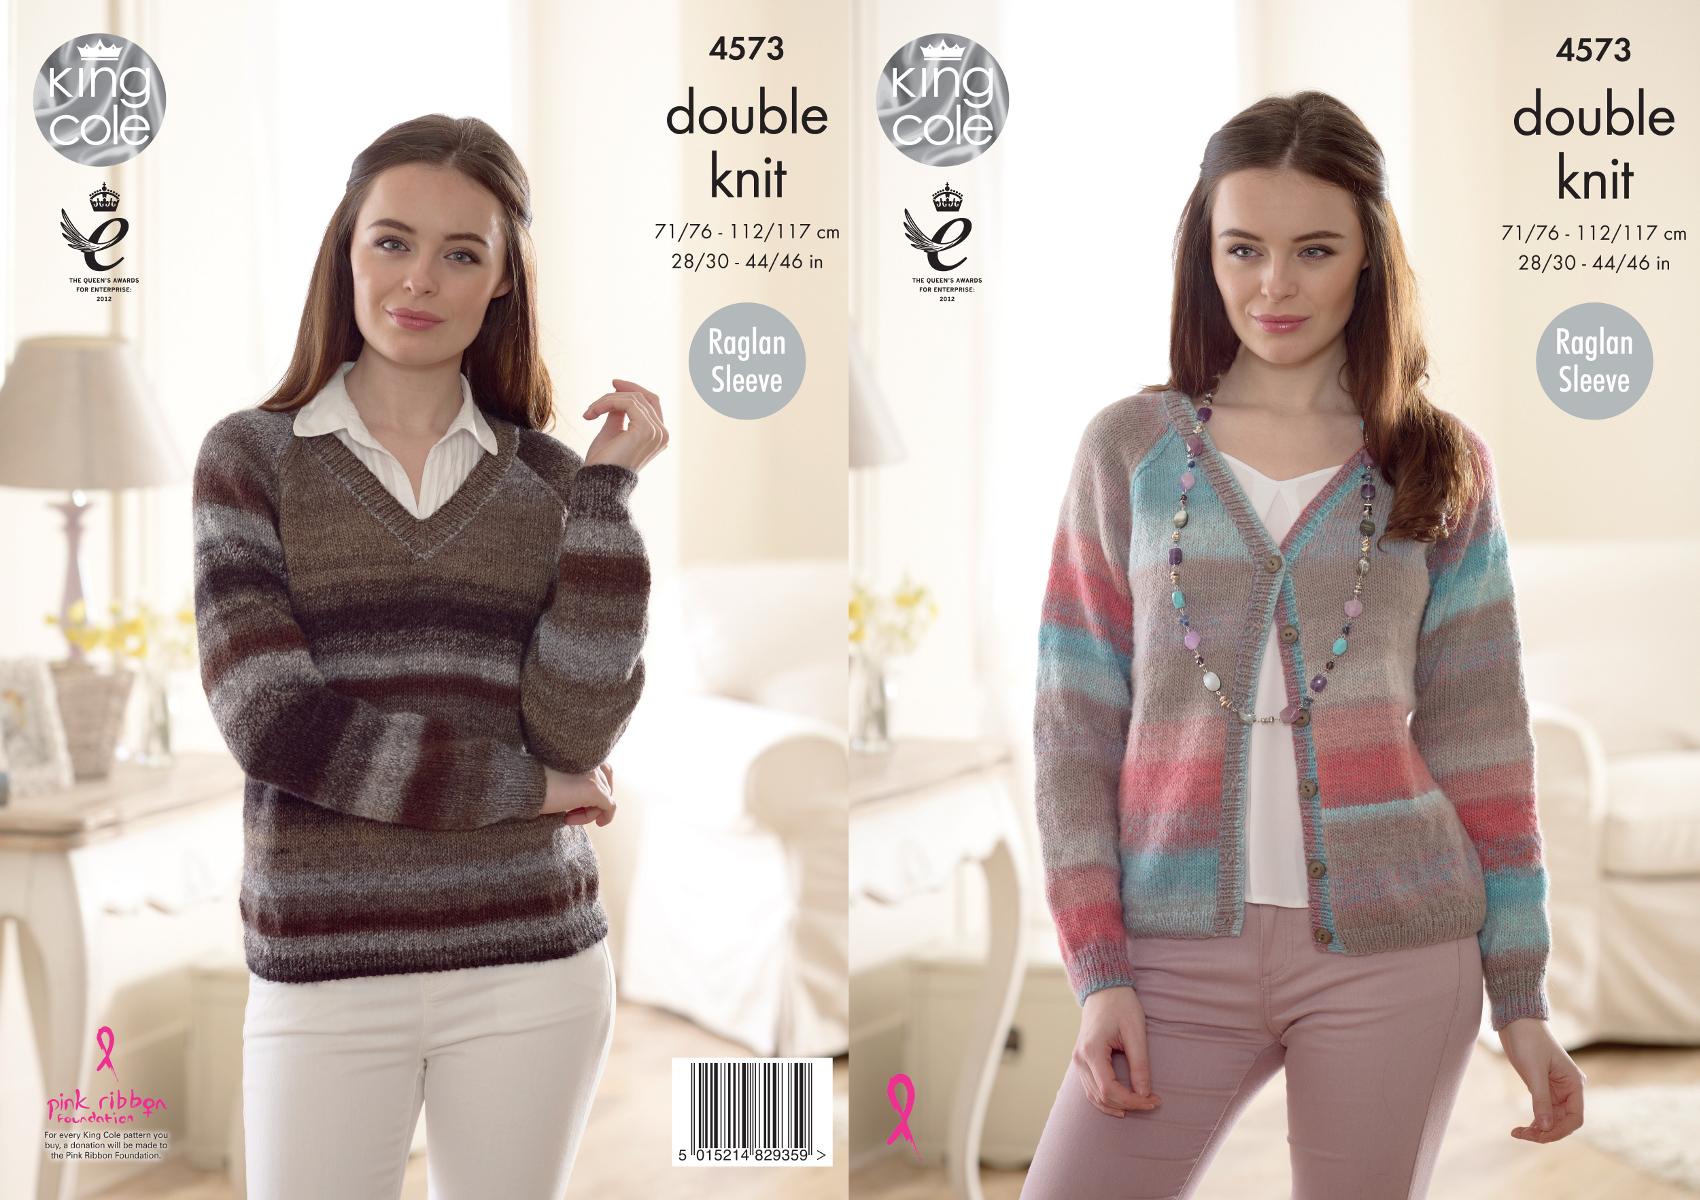 Ladies Raglan Jumper Knitting Pattern : Ladies Raglan Sleeve Jumper & Cardigan Knitting Pattern King Cole Sprite ...